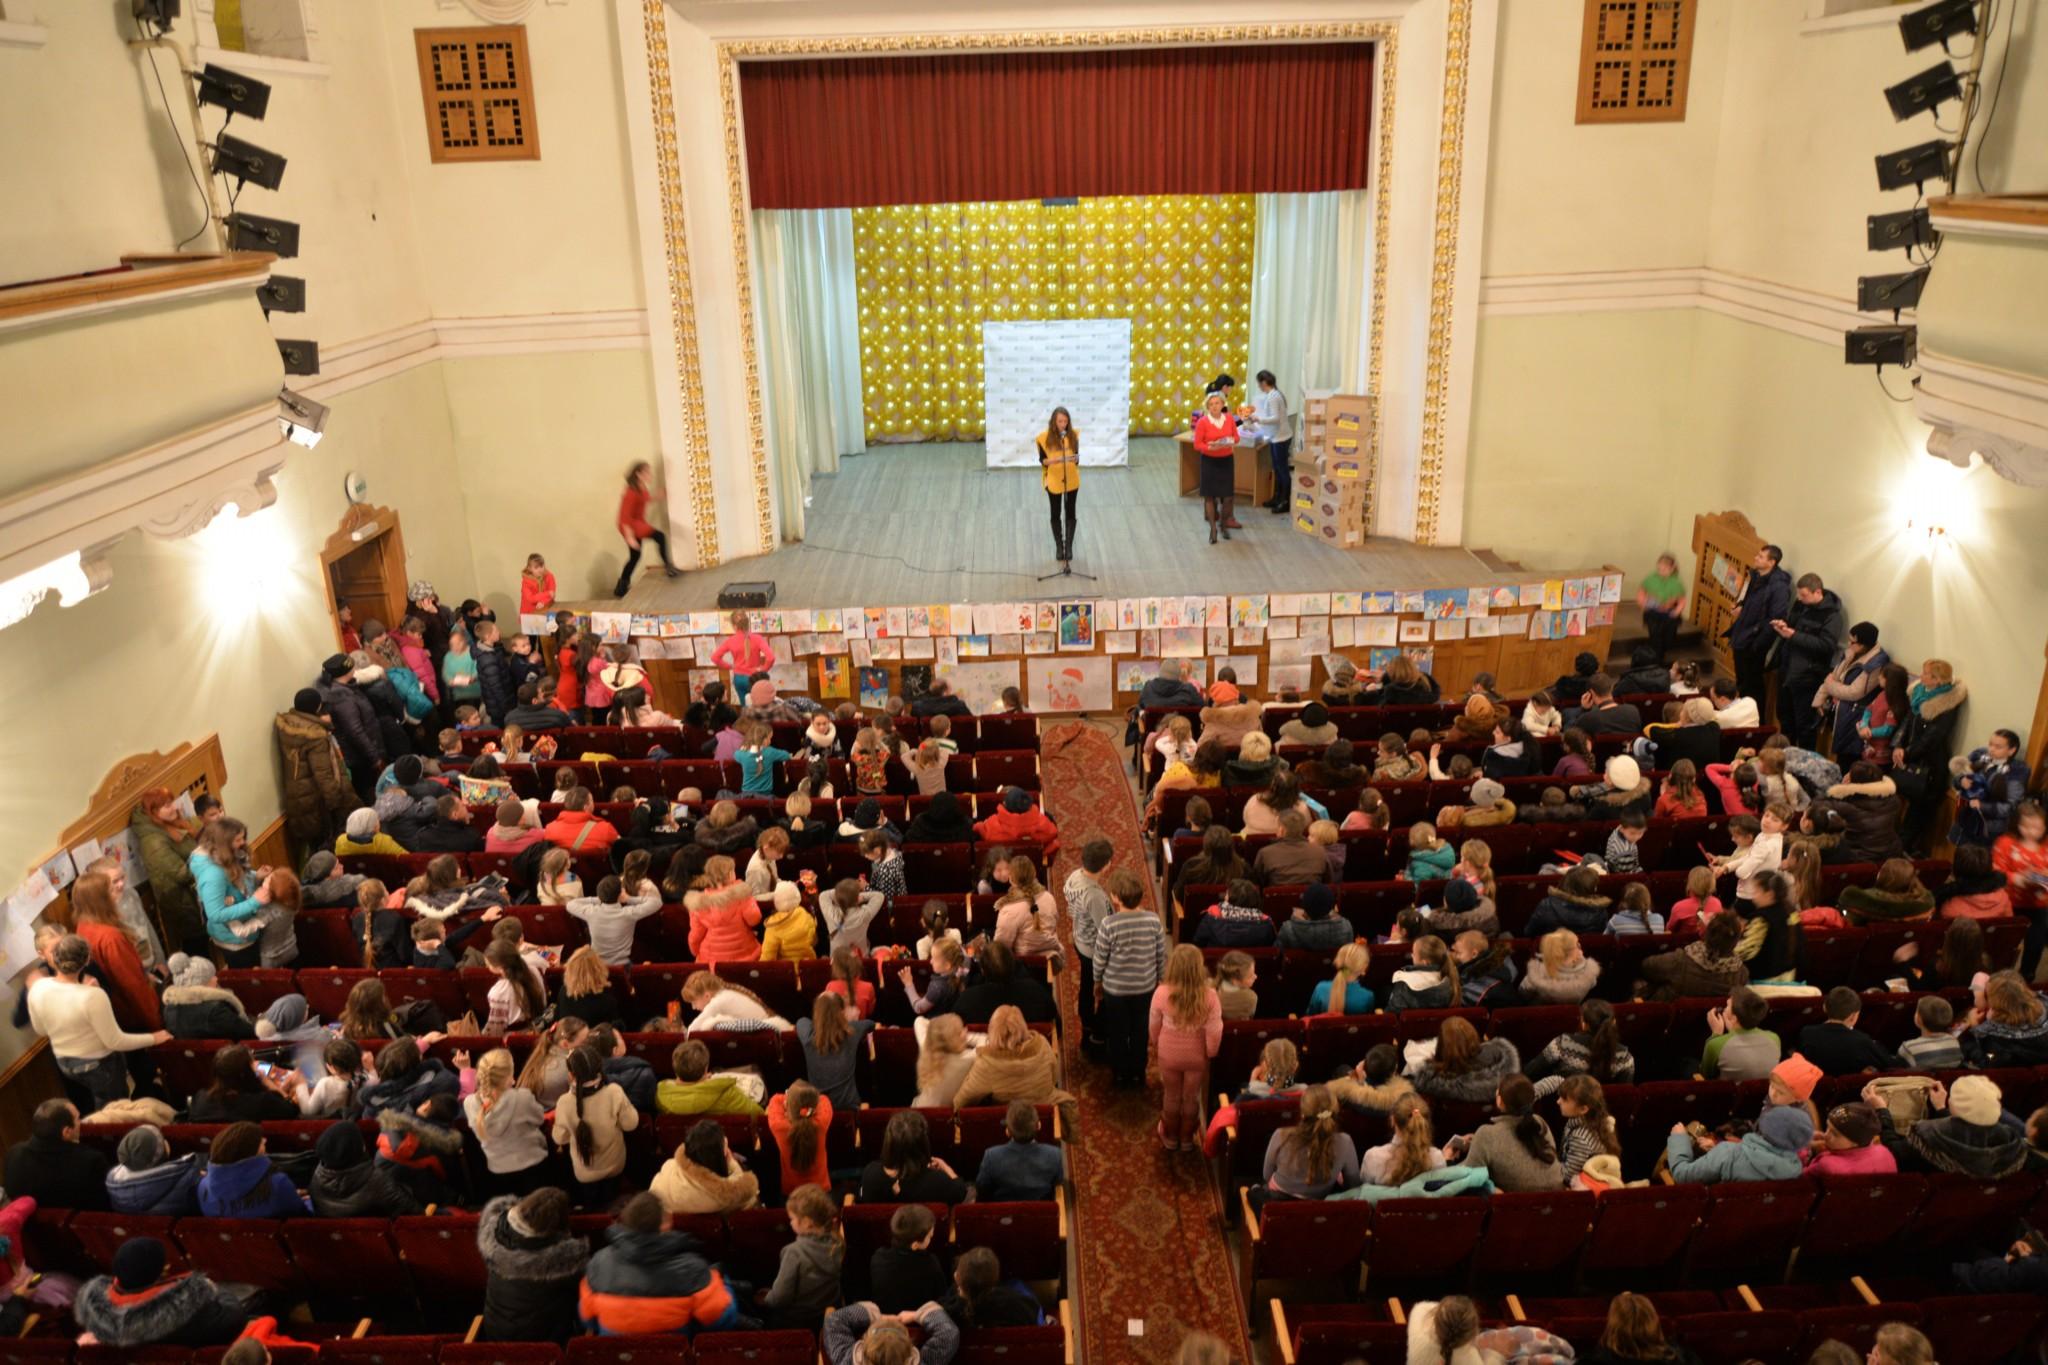 Понад 400 дітей з цілої Коломийщини долучилися до конкурсу малюнків від Міжнародного благодійного фонду